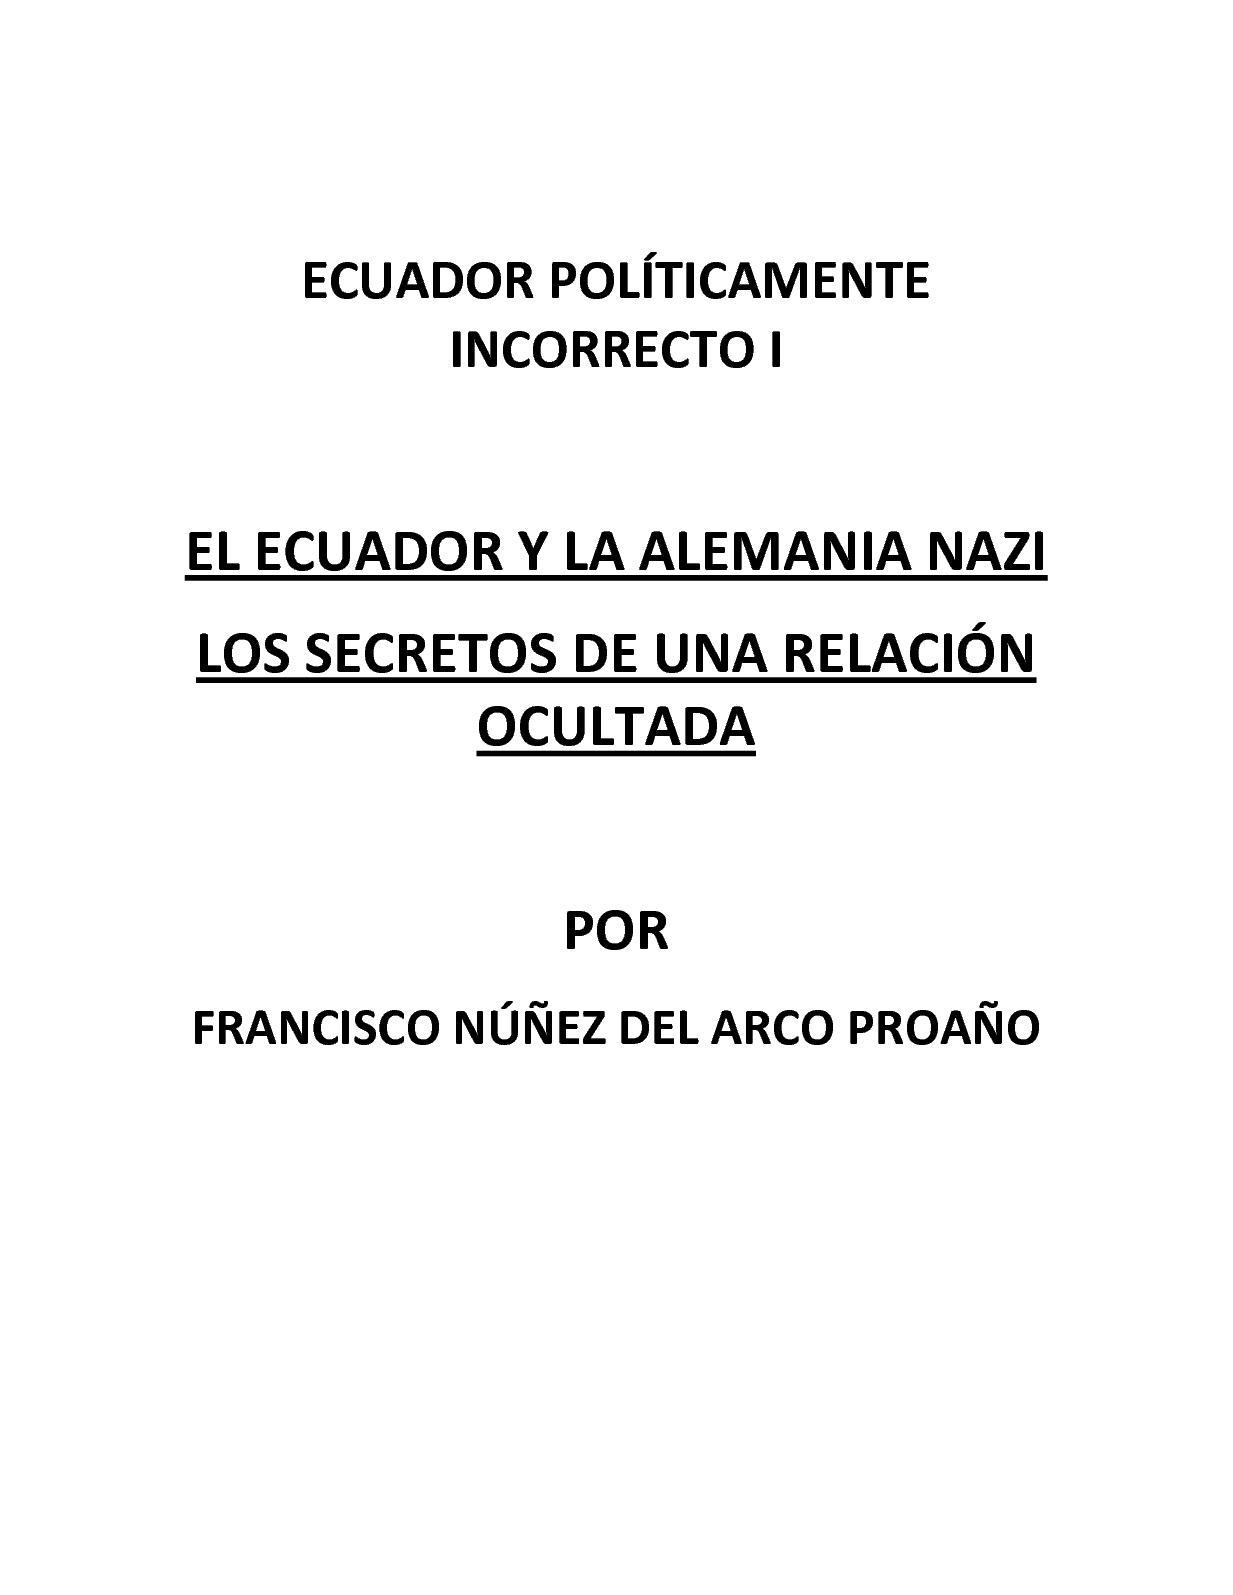 Calaméo - El Ecuador Y El Tercer Reich - Ecuador Politicamente Incorrecto I 78203406412